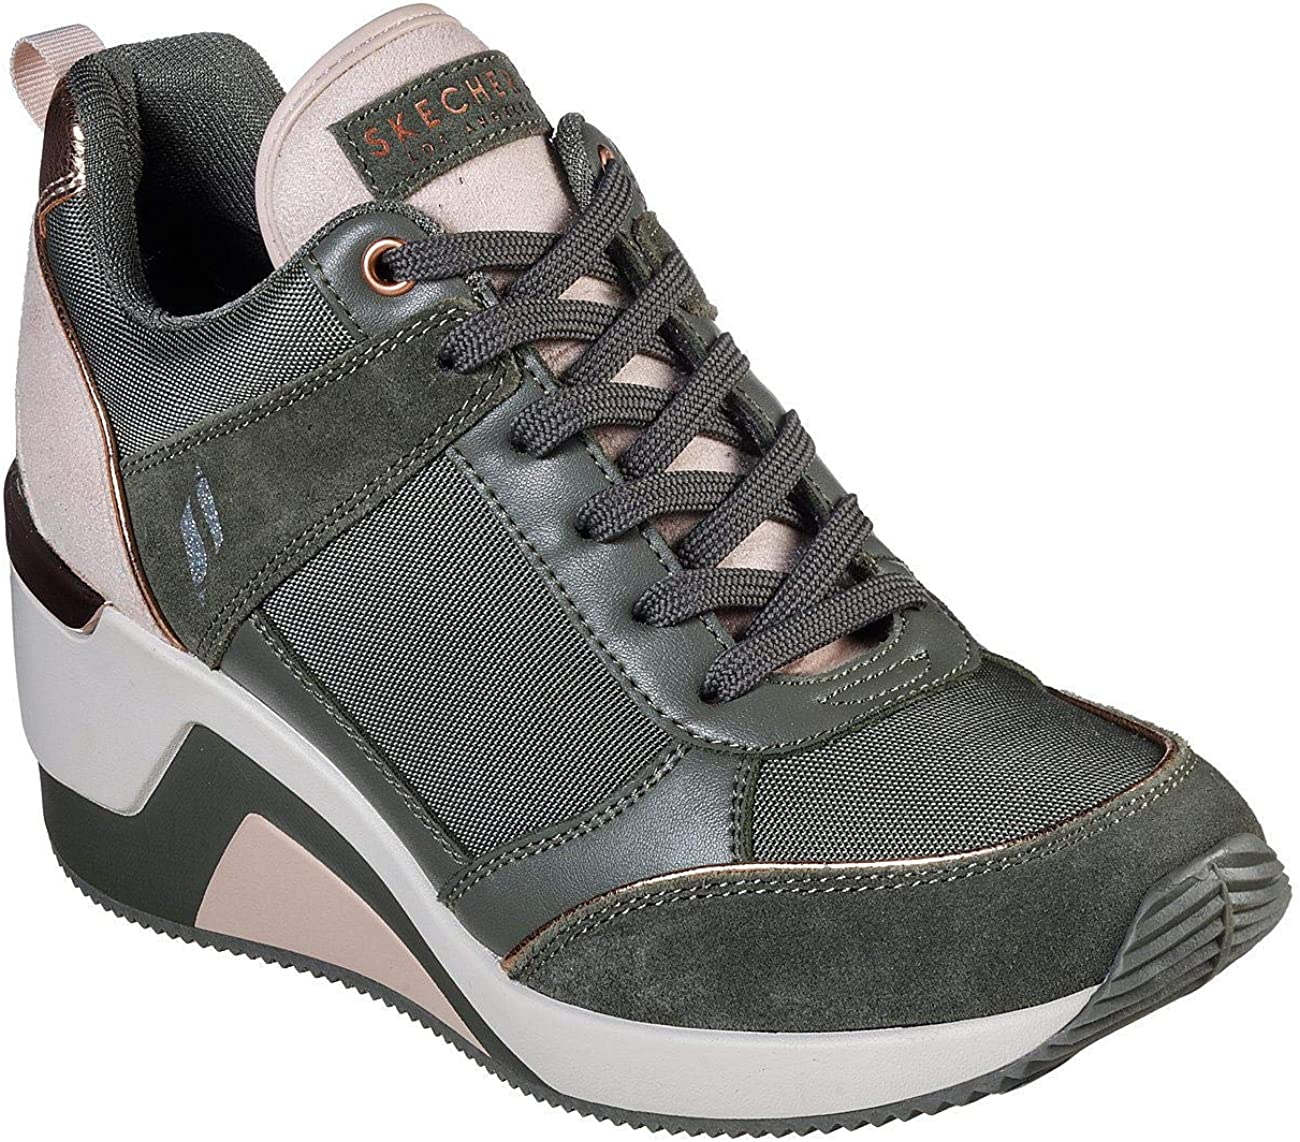 skechers high heel sneakers